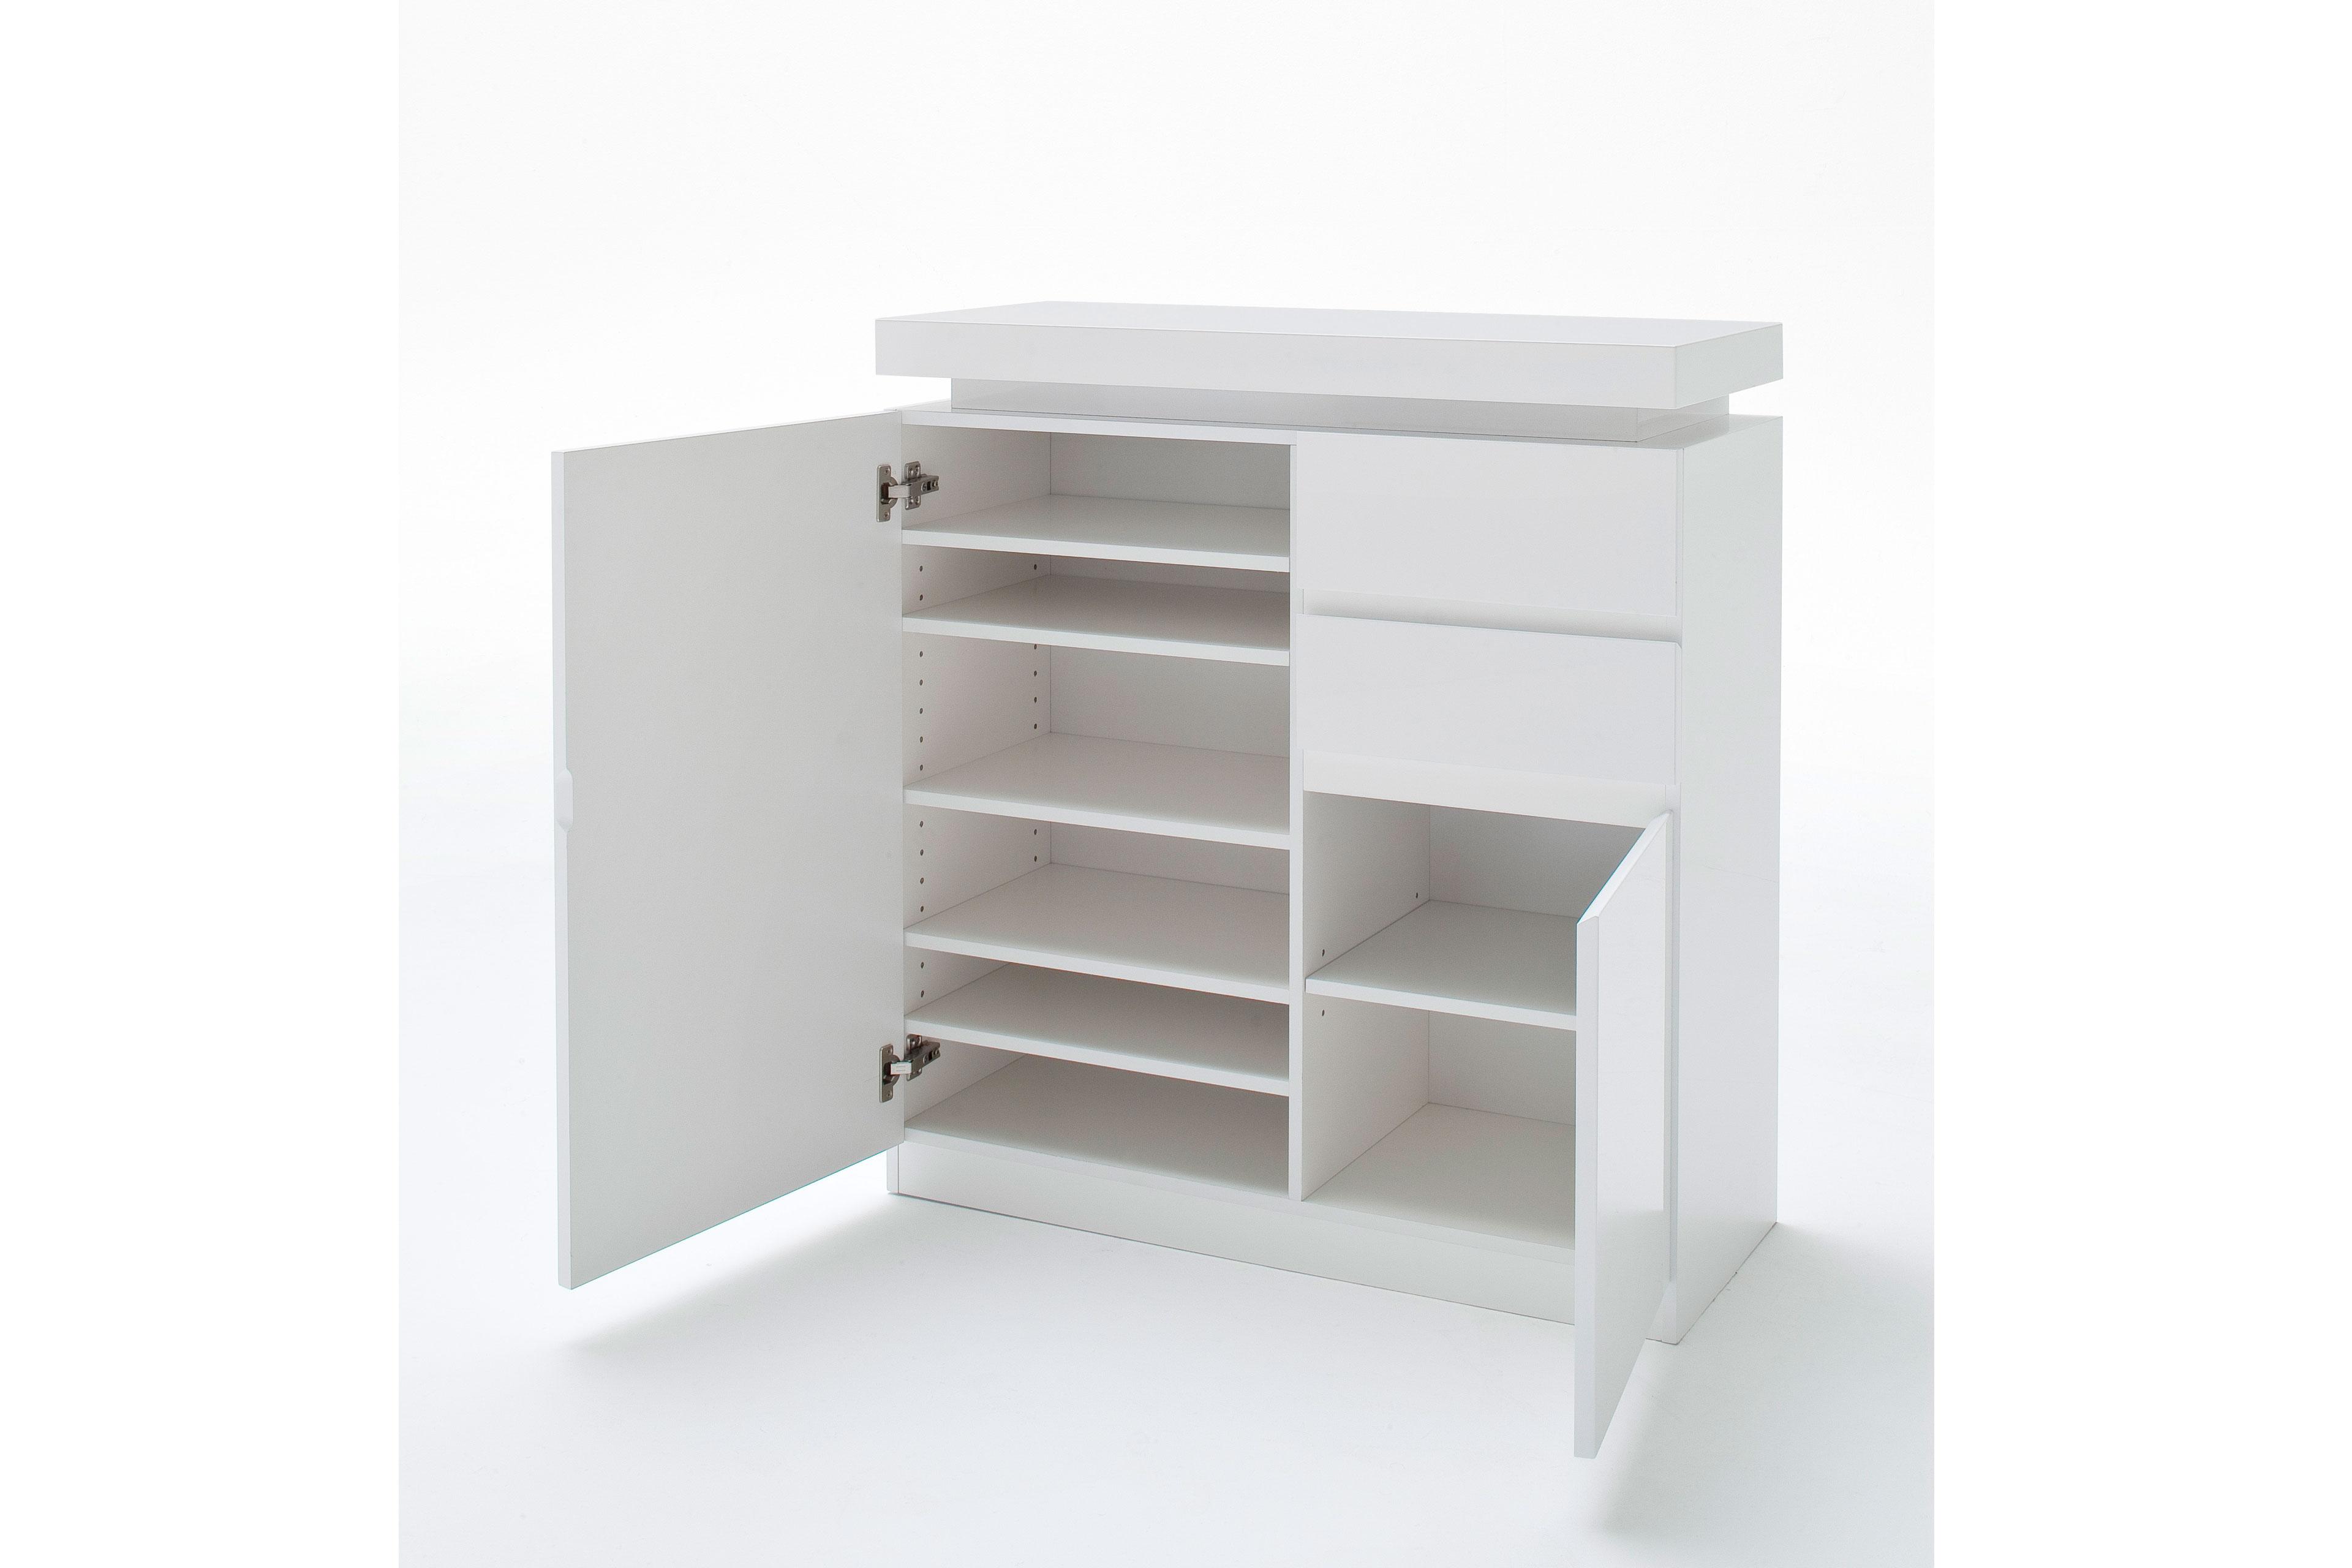 garderobe ocean jarid hochglanz lack wei mca furniture m bel letz ihr online shop. Black Bedroom Furniture Sets. Home Design Ideas